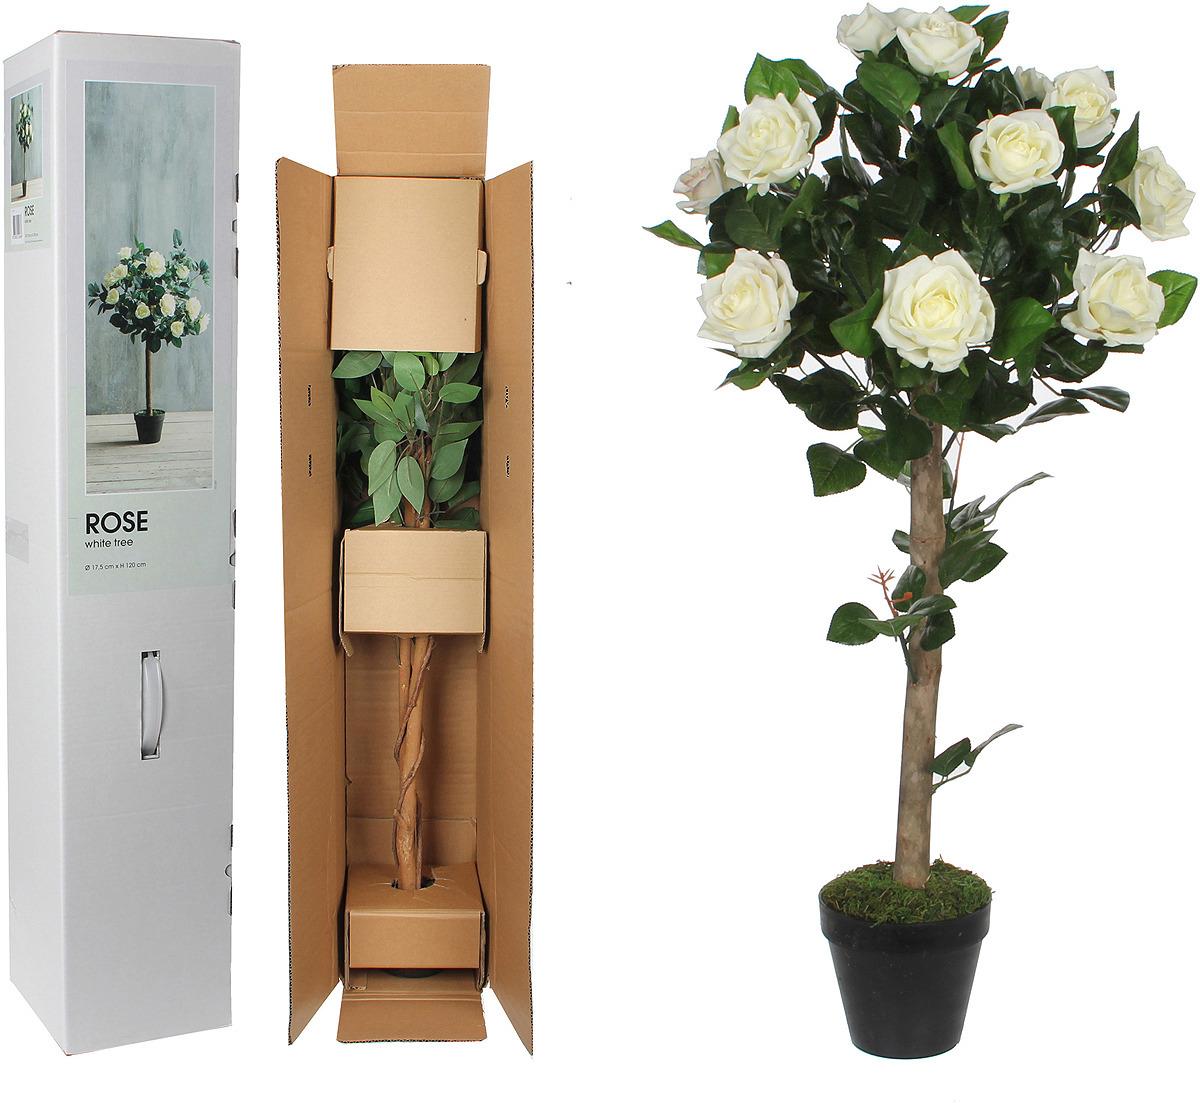 Искусственные цветы Mica Роза в кашпо, высота 140 см искусственные растения valiant муляж лук с перцем в связке желтый 60см шт